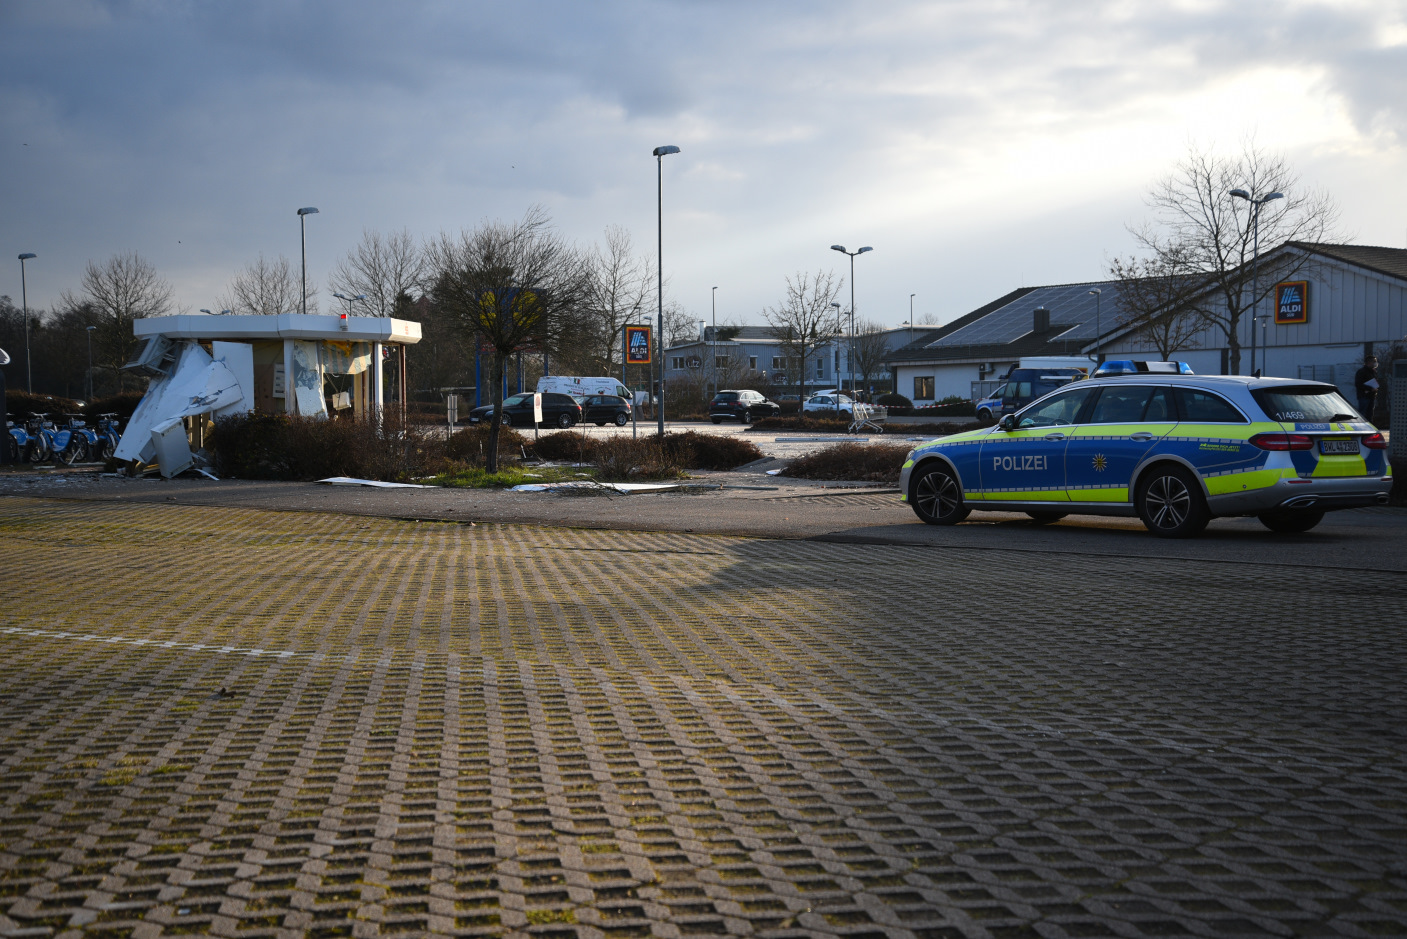 Schwetzingen: Sprengung zweier Geldautomaten - mehrere Täter und Tatfahrzeuge - überregionale Fahndung mit allen verfügbaren Kräften